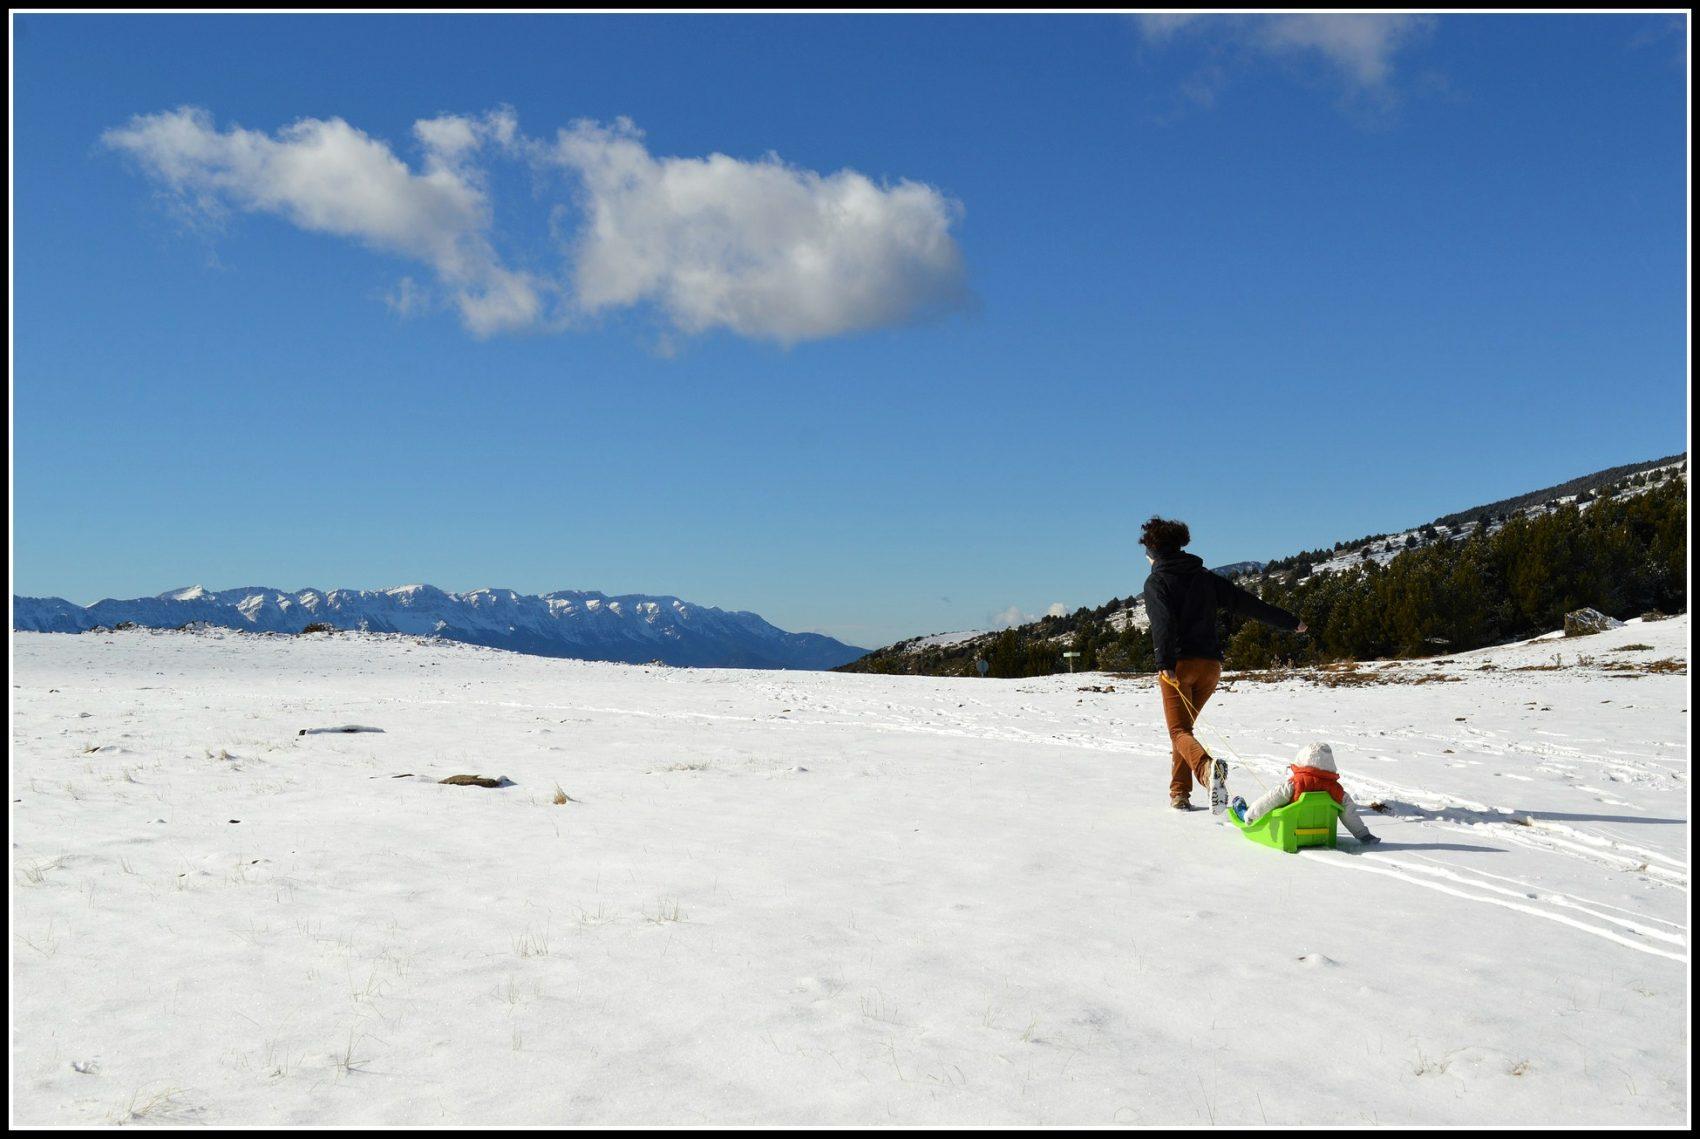 family at ski resort playing toboggan